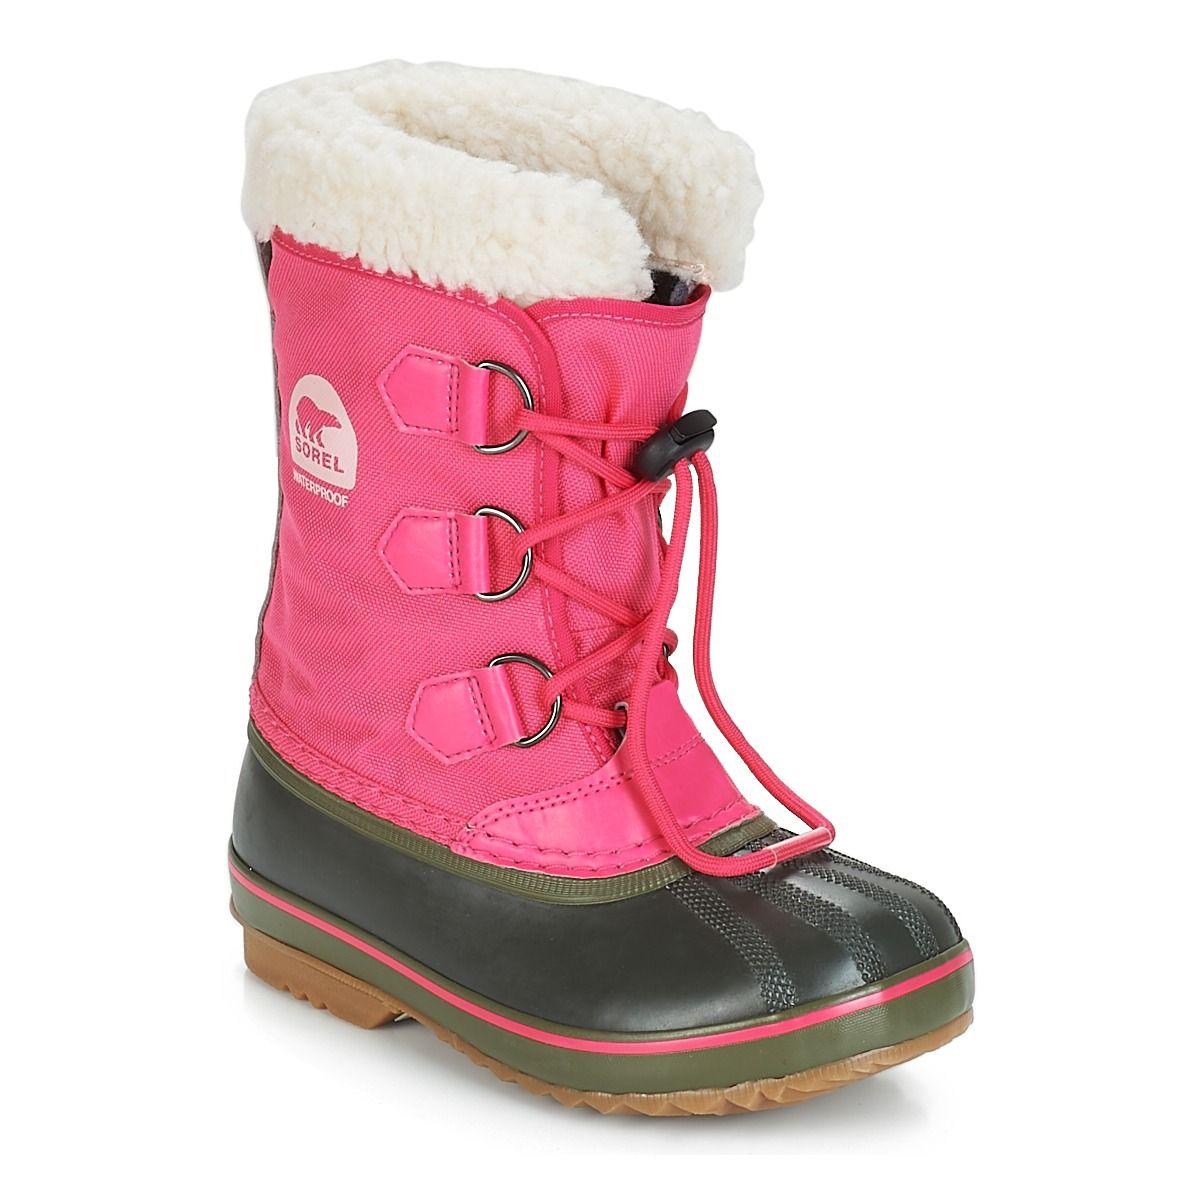 Sorel Yoot Pac Nylon   Sorel Kids Snow